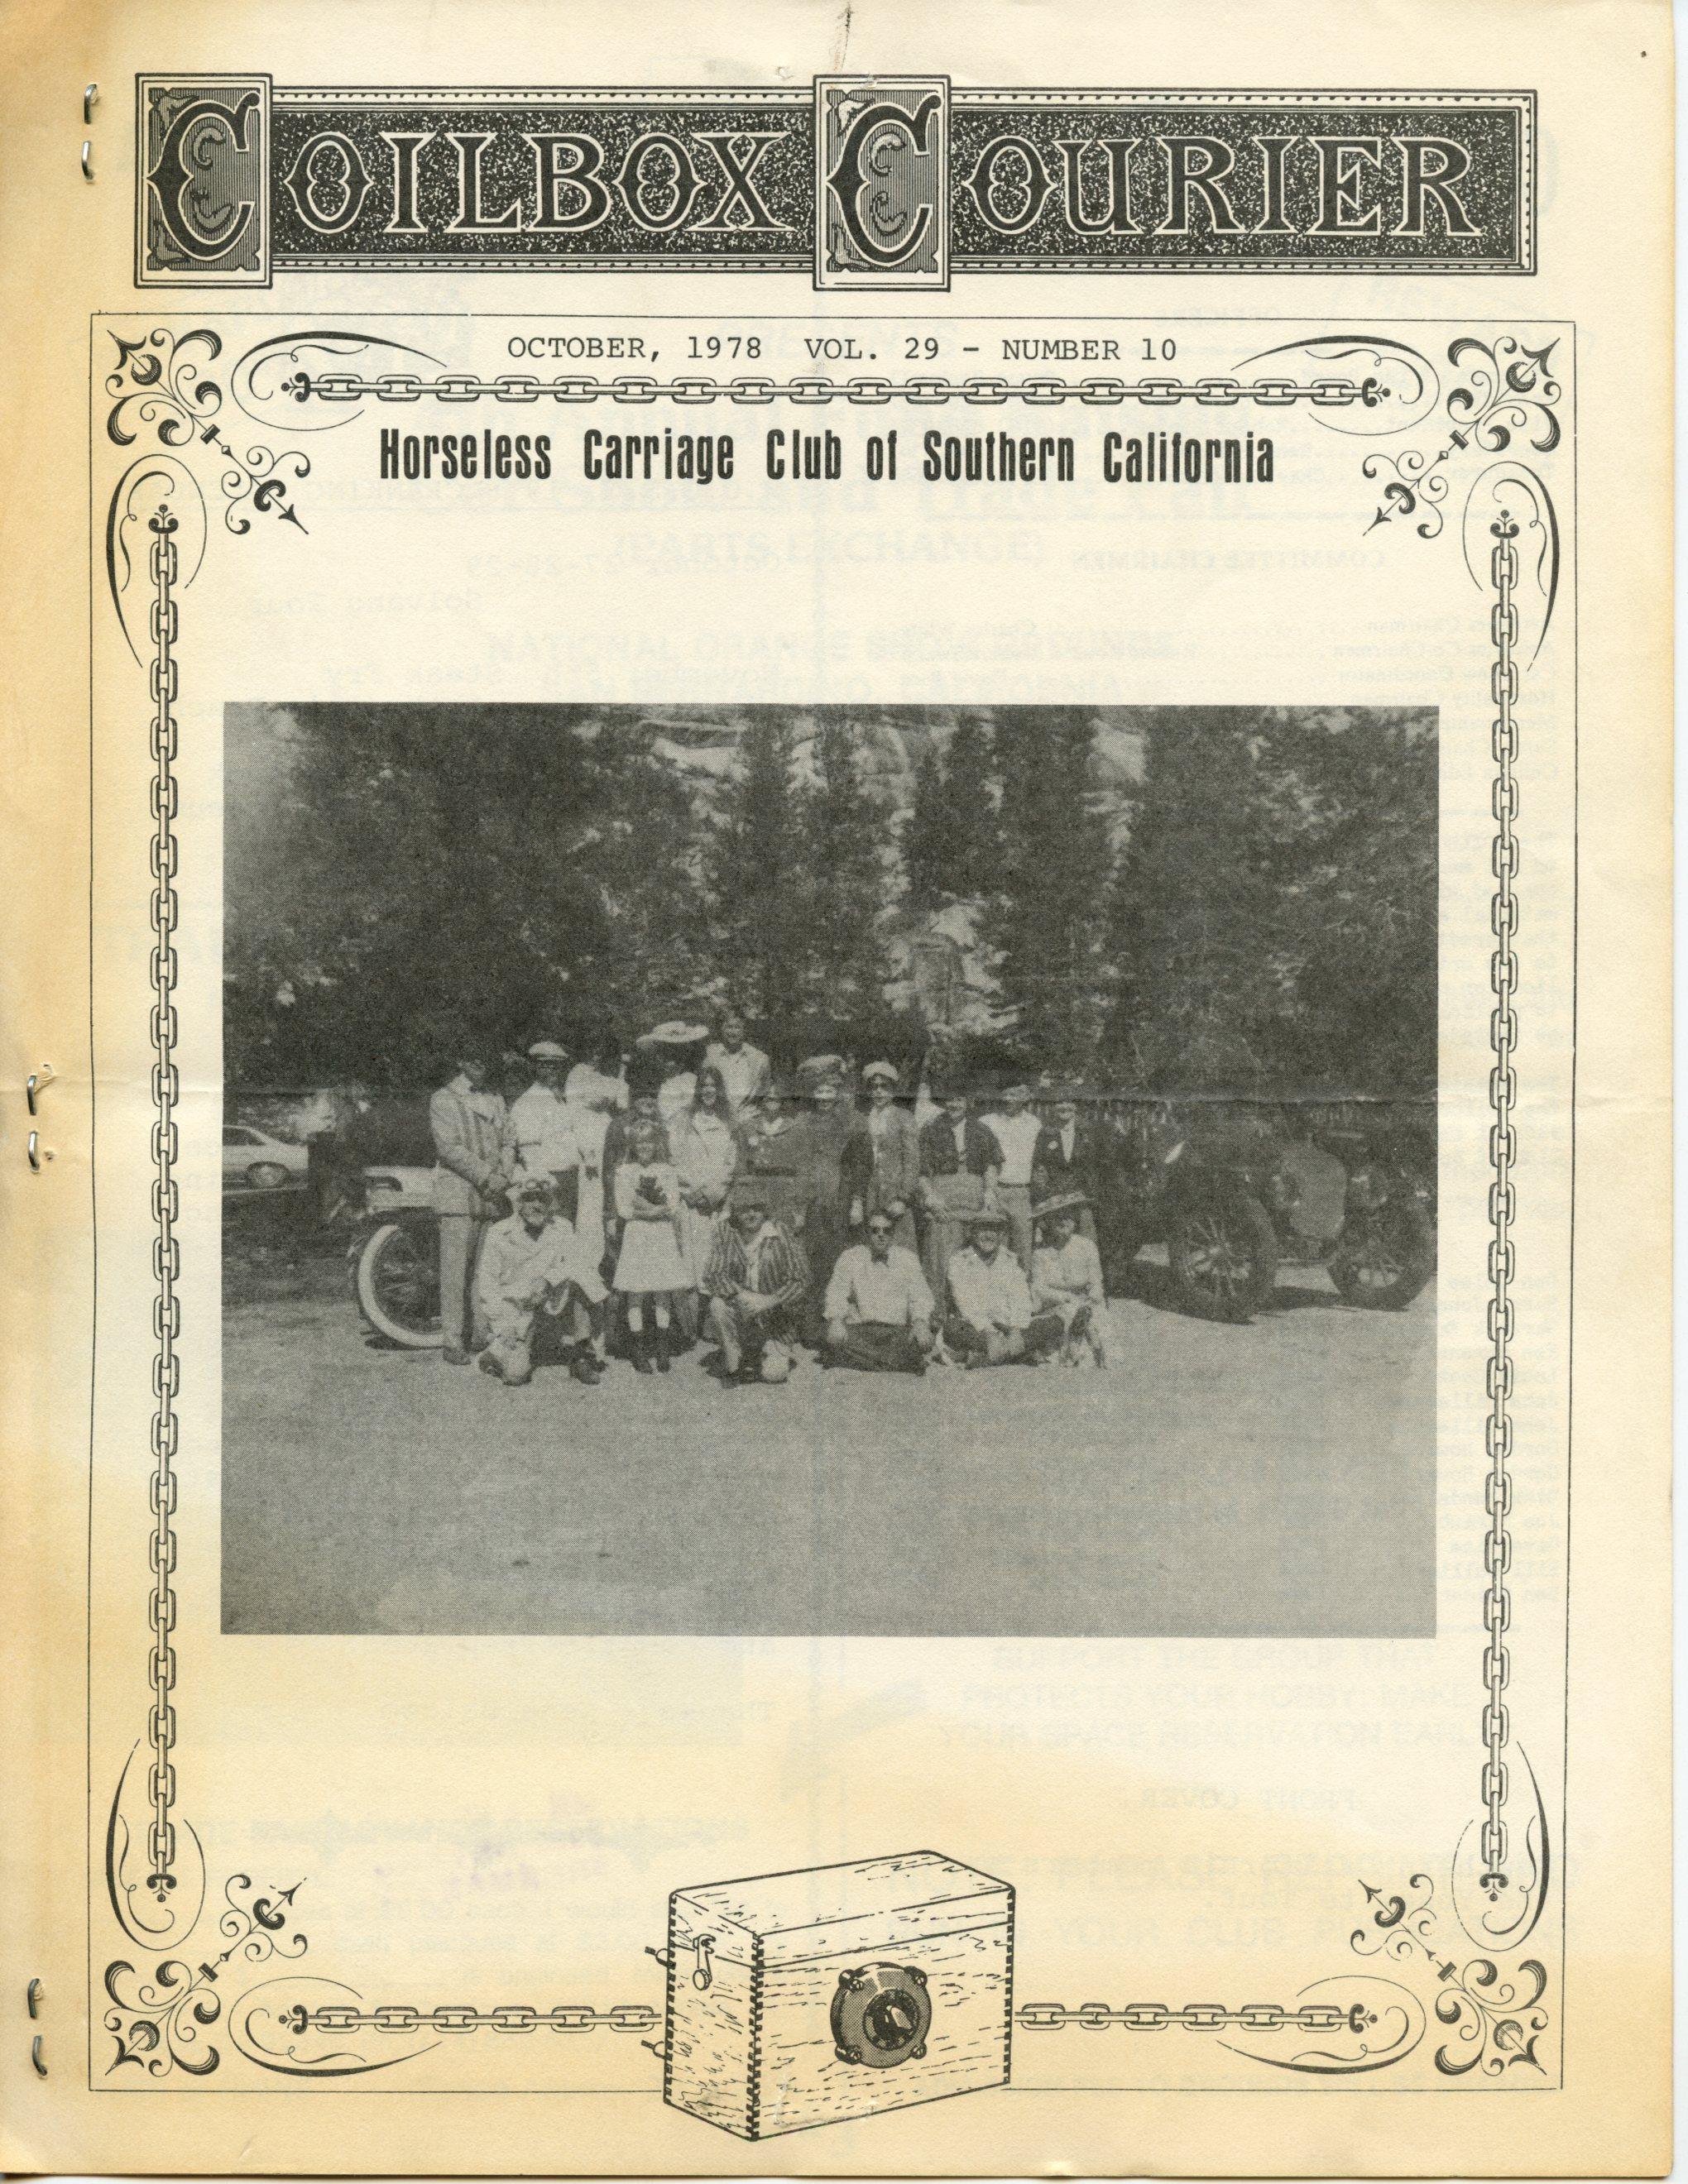 29-10.jpg